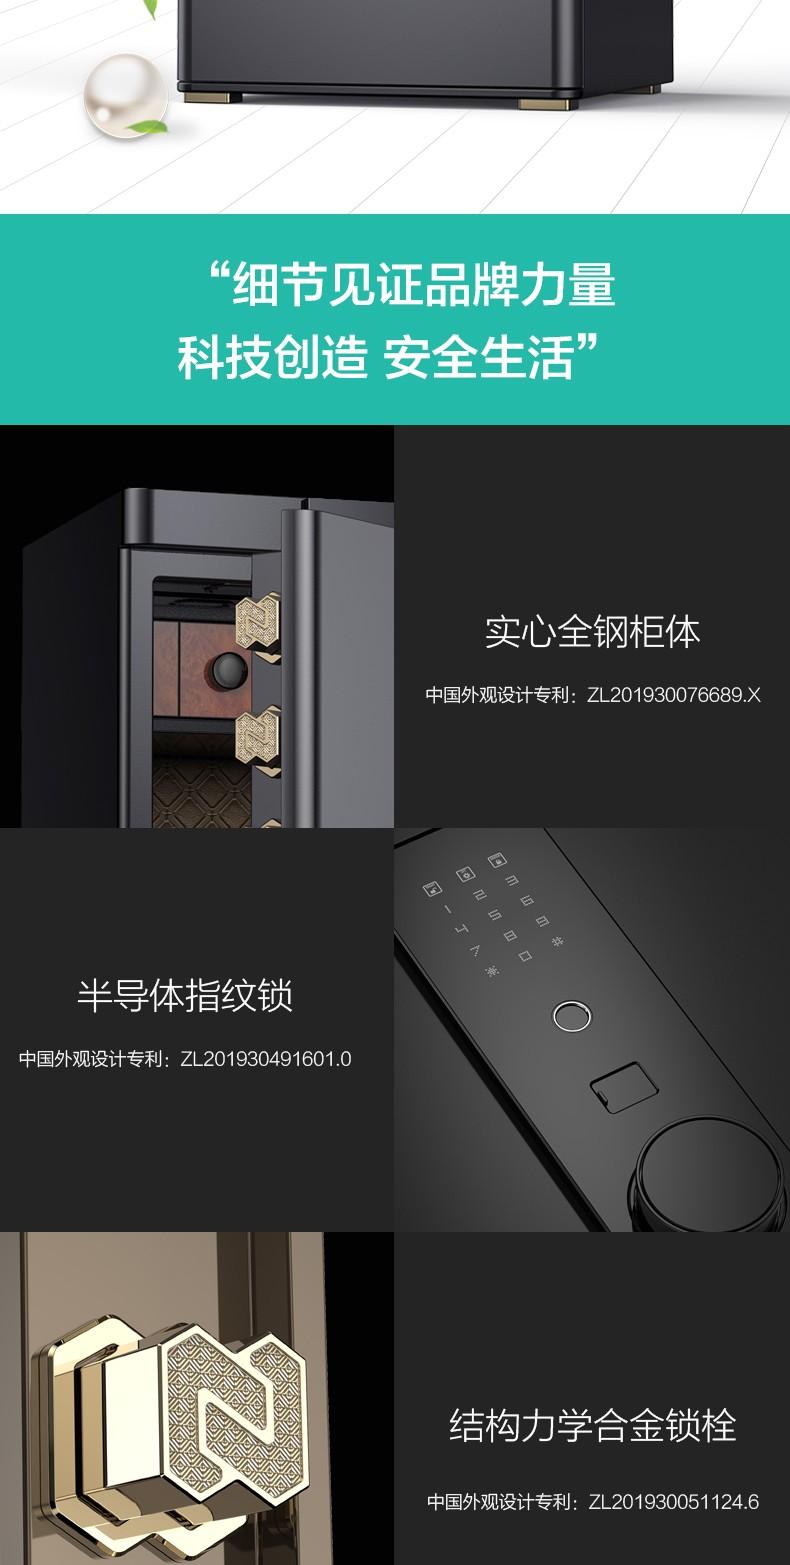 科飞亚保险柜售后网点(全国统一客服)24小时热线电话